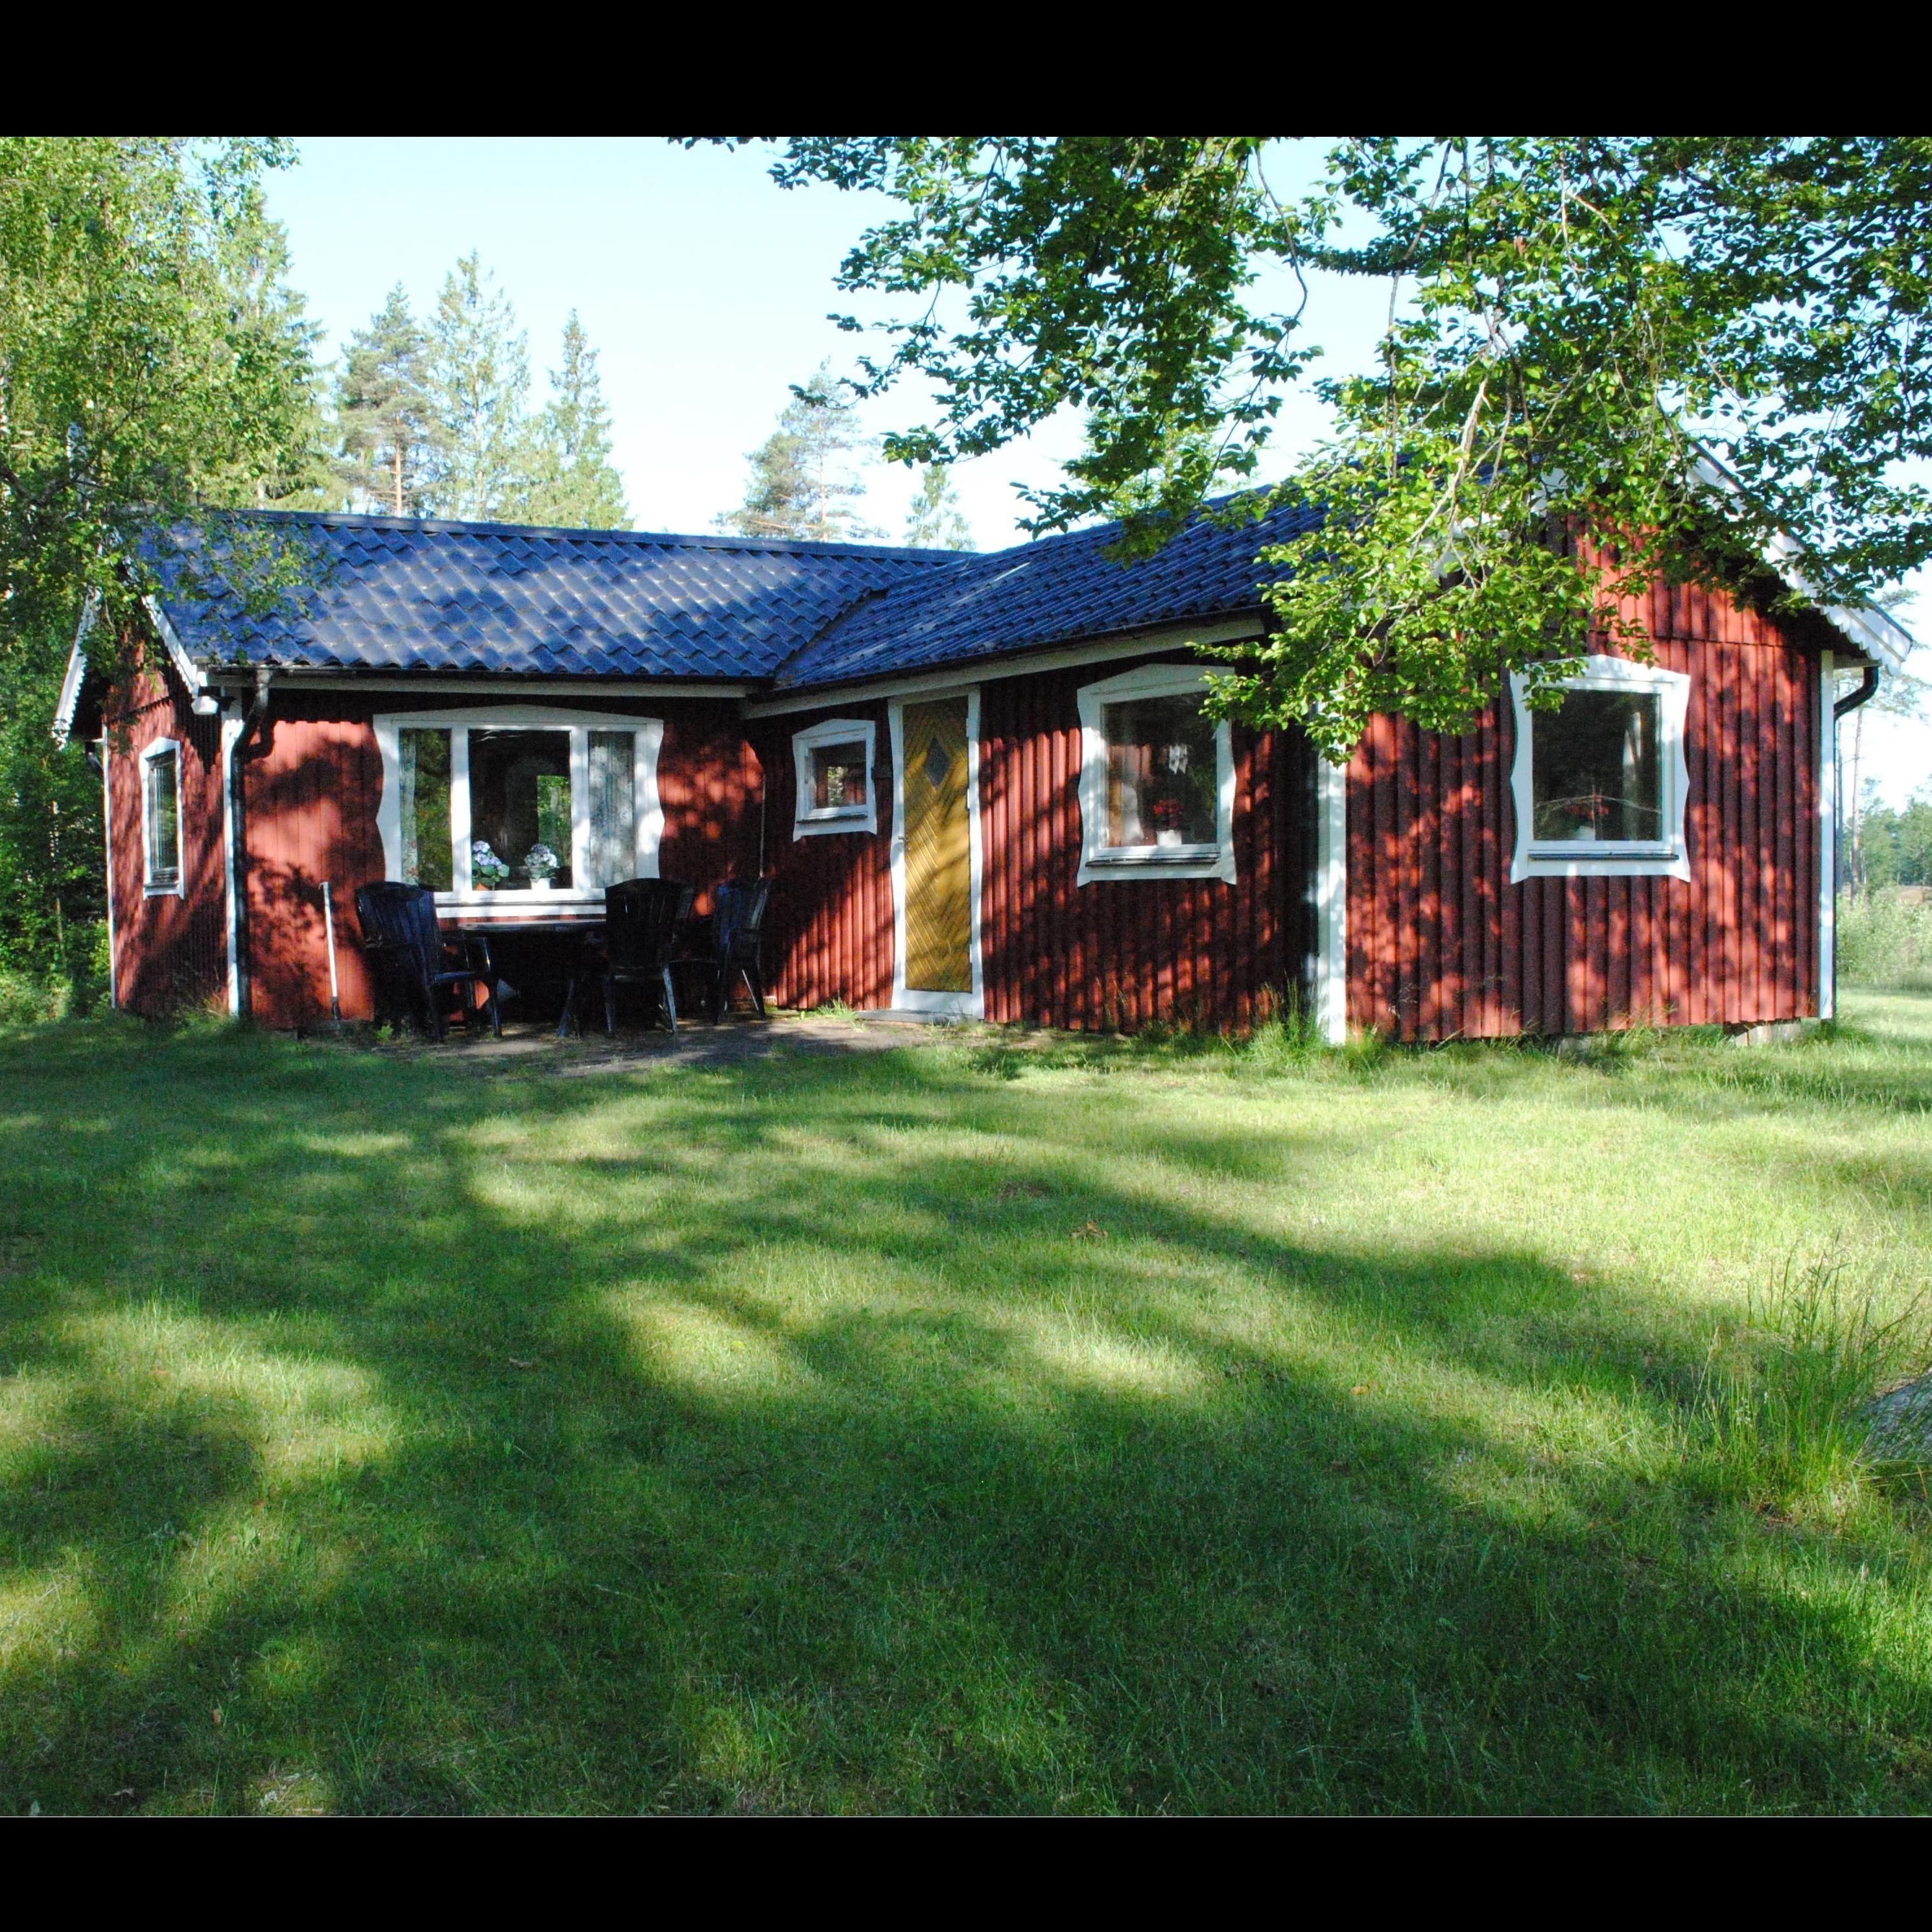 Ferienhaus 04 - Sjöstugan - Kalsvhults gård - Käja och Roland Haraldsson